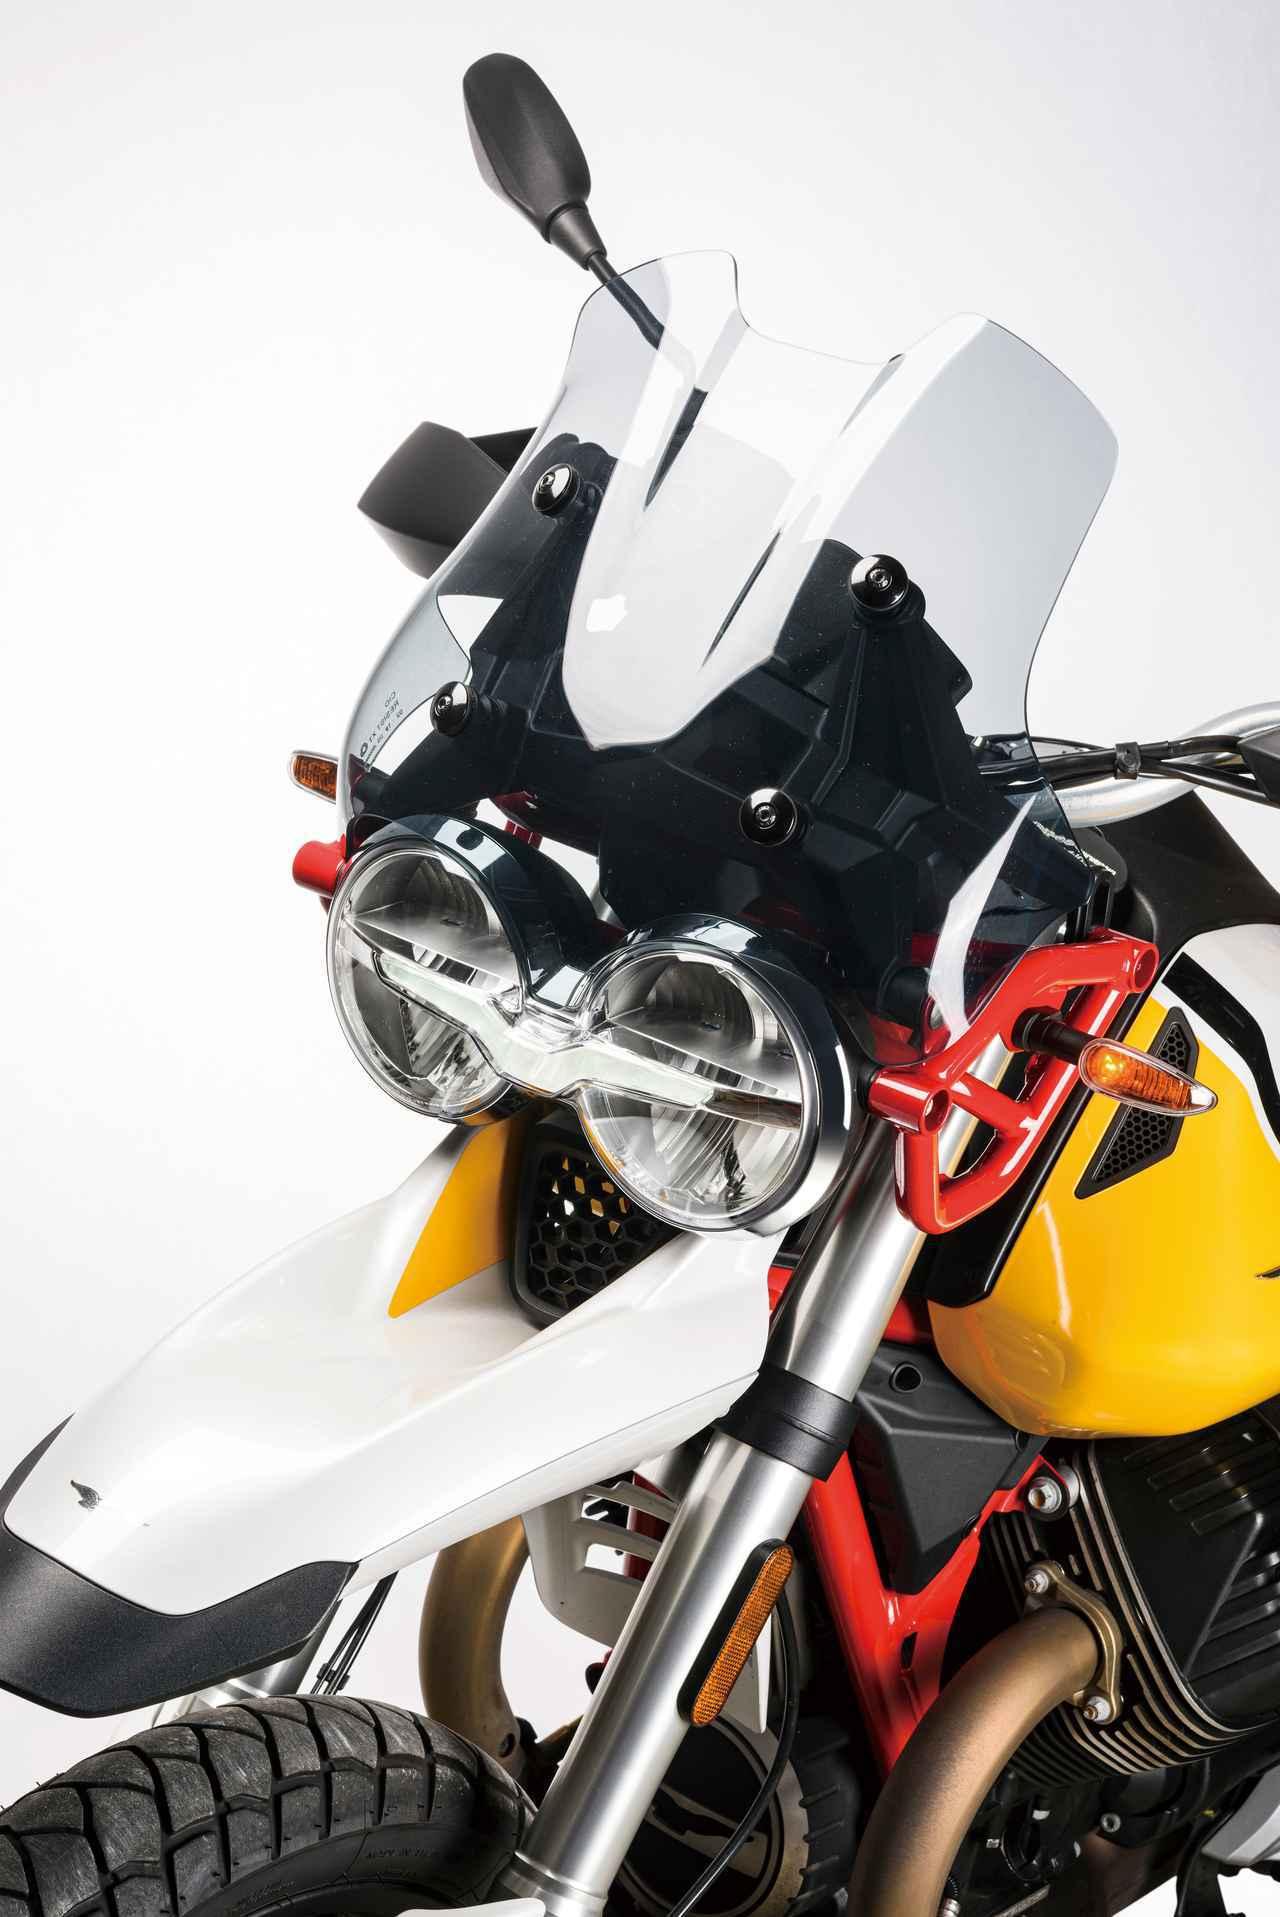 画像: ライダーを走行風による疲労から守る優れたウインドプロテクション性能を実現するために、風洞実験を繰り返して形状を決定したスモーク仕上げの大型ウインドスクリーン。往年のラリーマシンを想わせる大径の丸型ヘッドライトをデュアルで装備するが、中身は最新スペックのLEDヘッドライト。フロントフェンダーもパリダカ風味だ。